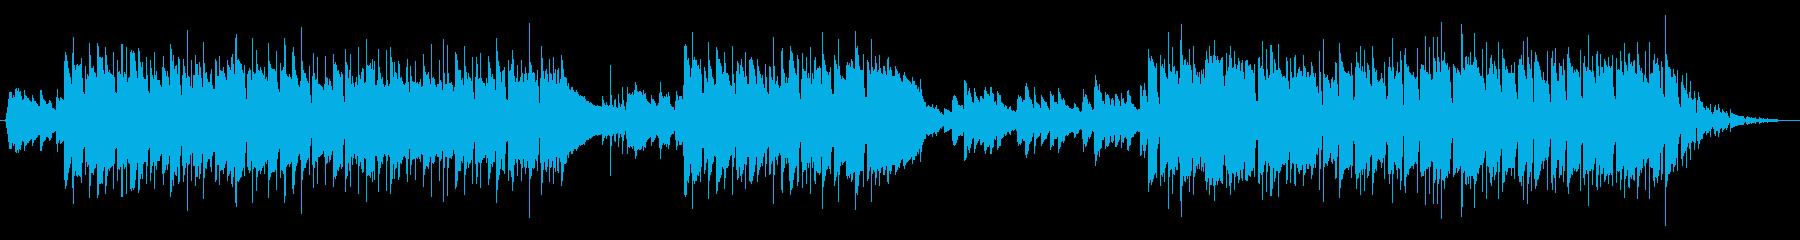 アコースティックギターのBGMの再生済みの波形